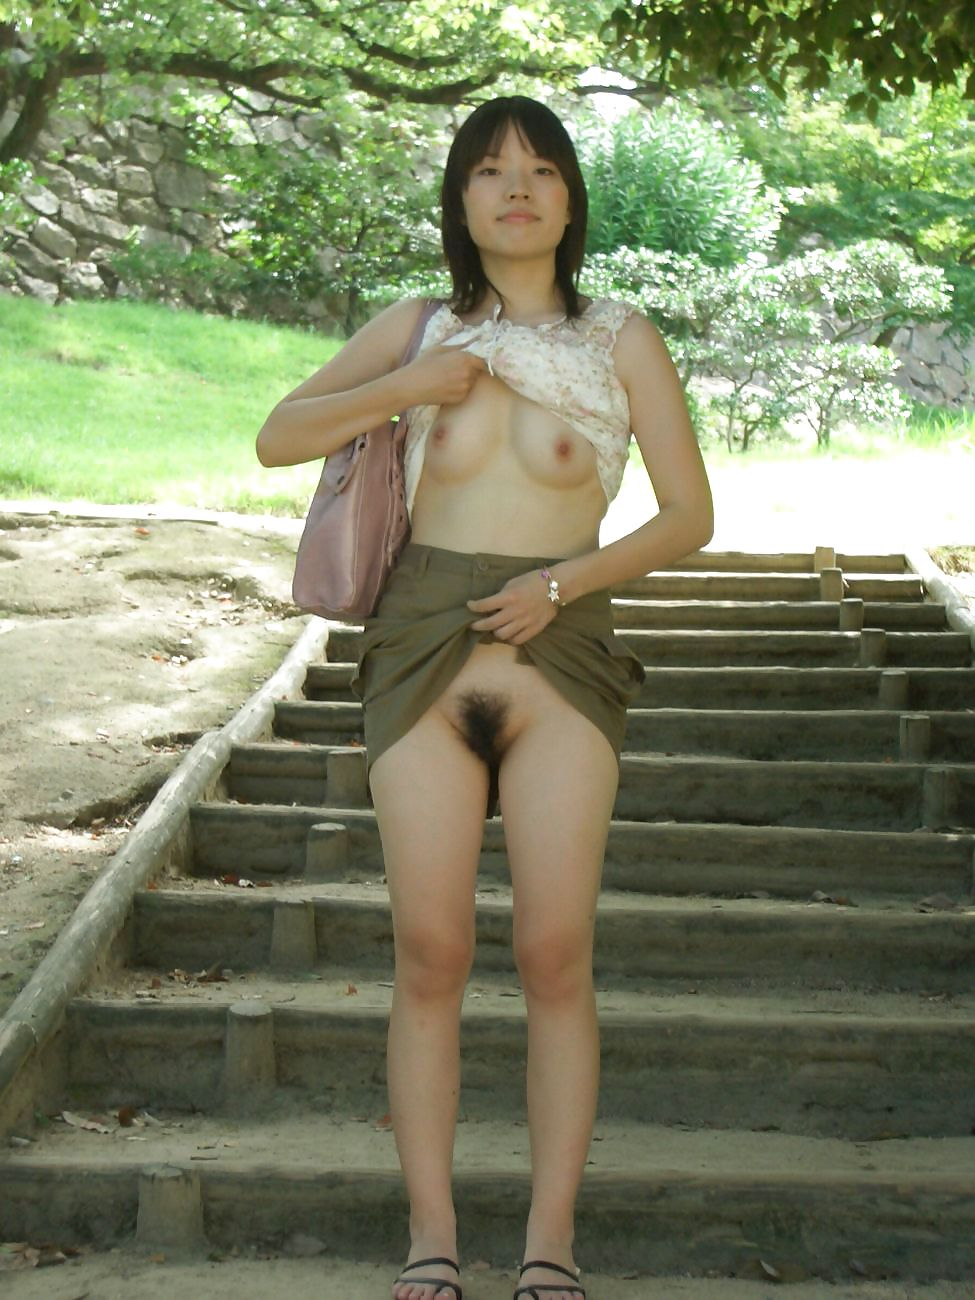 Nude female fitness athletes